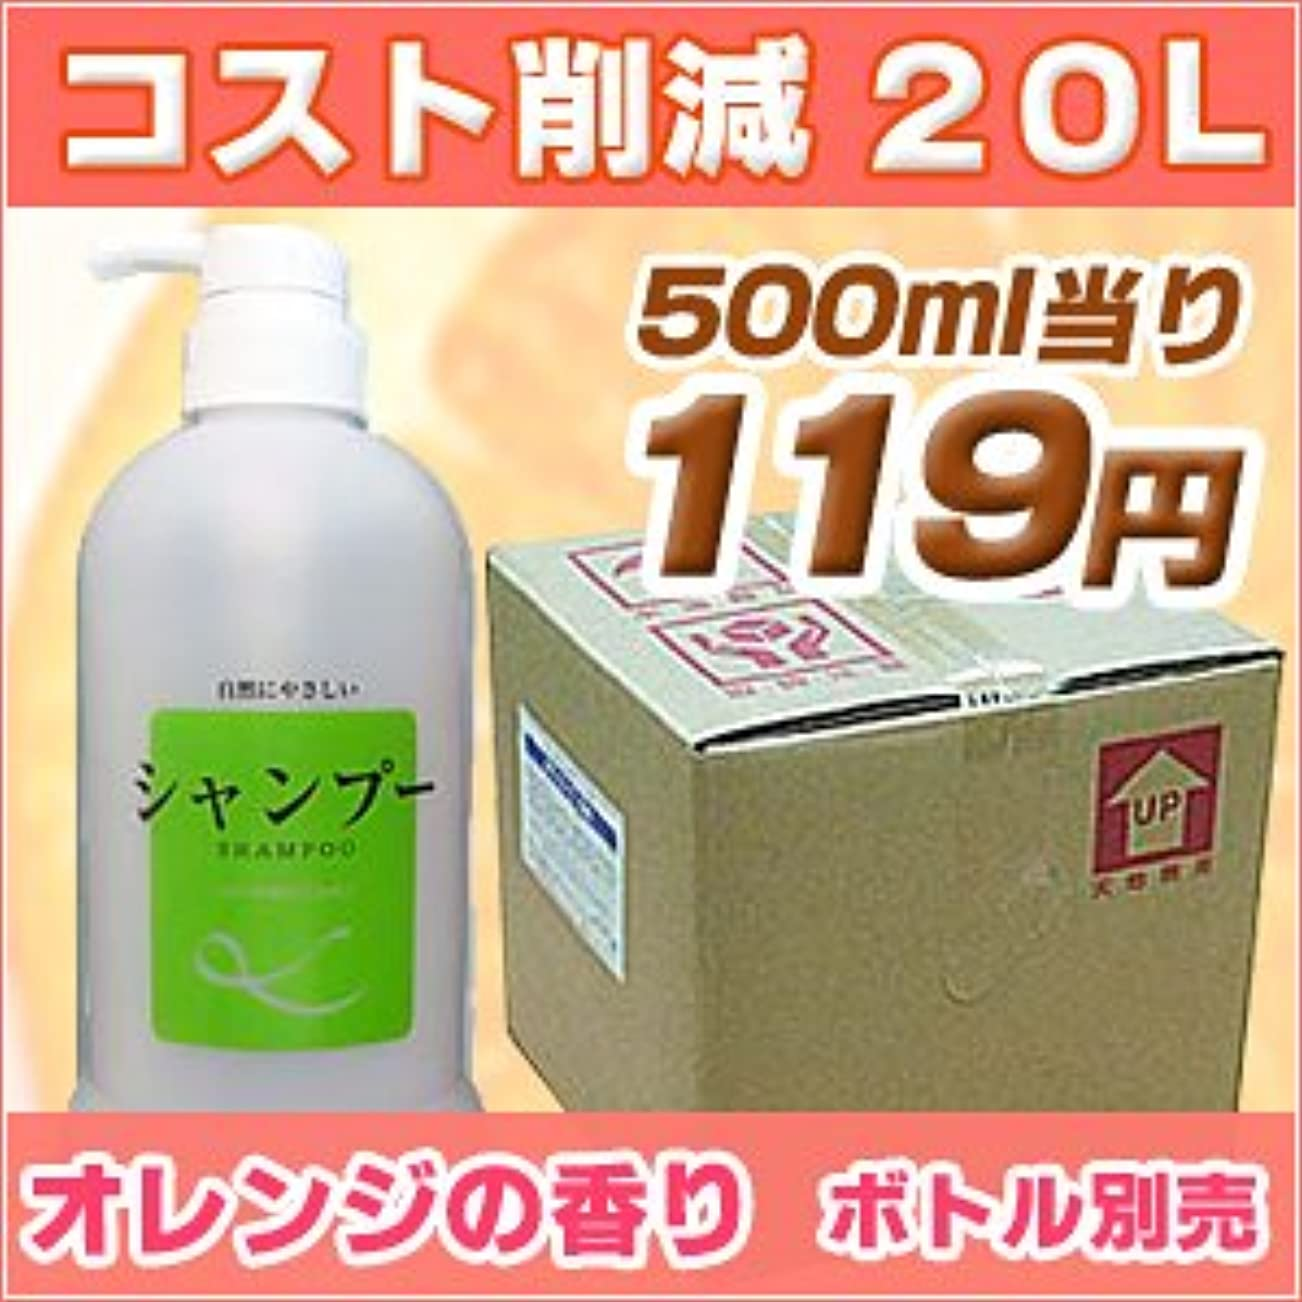 規制する透けて見えるロースト業務用 シャンプー Windhill 植物性オレンジの香り 20L(1セット20L入)